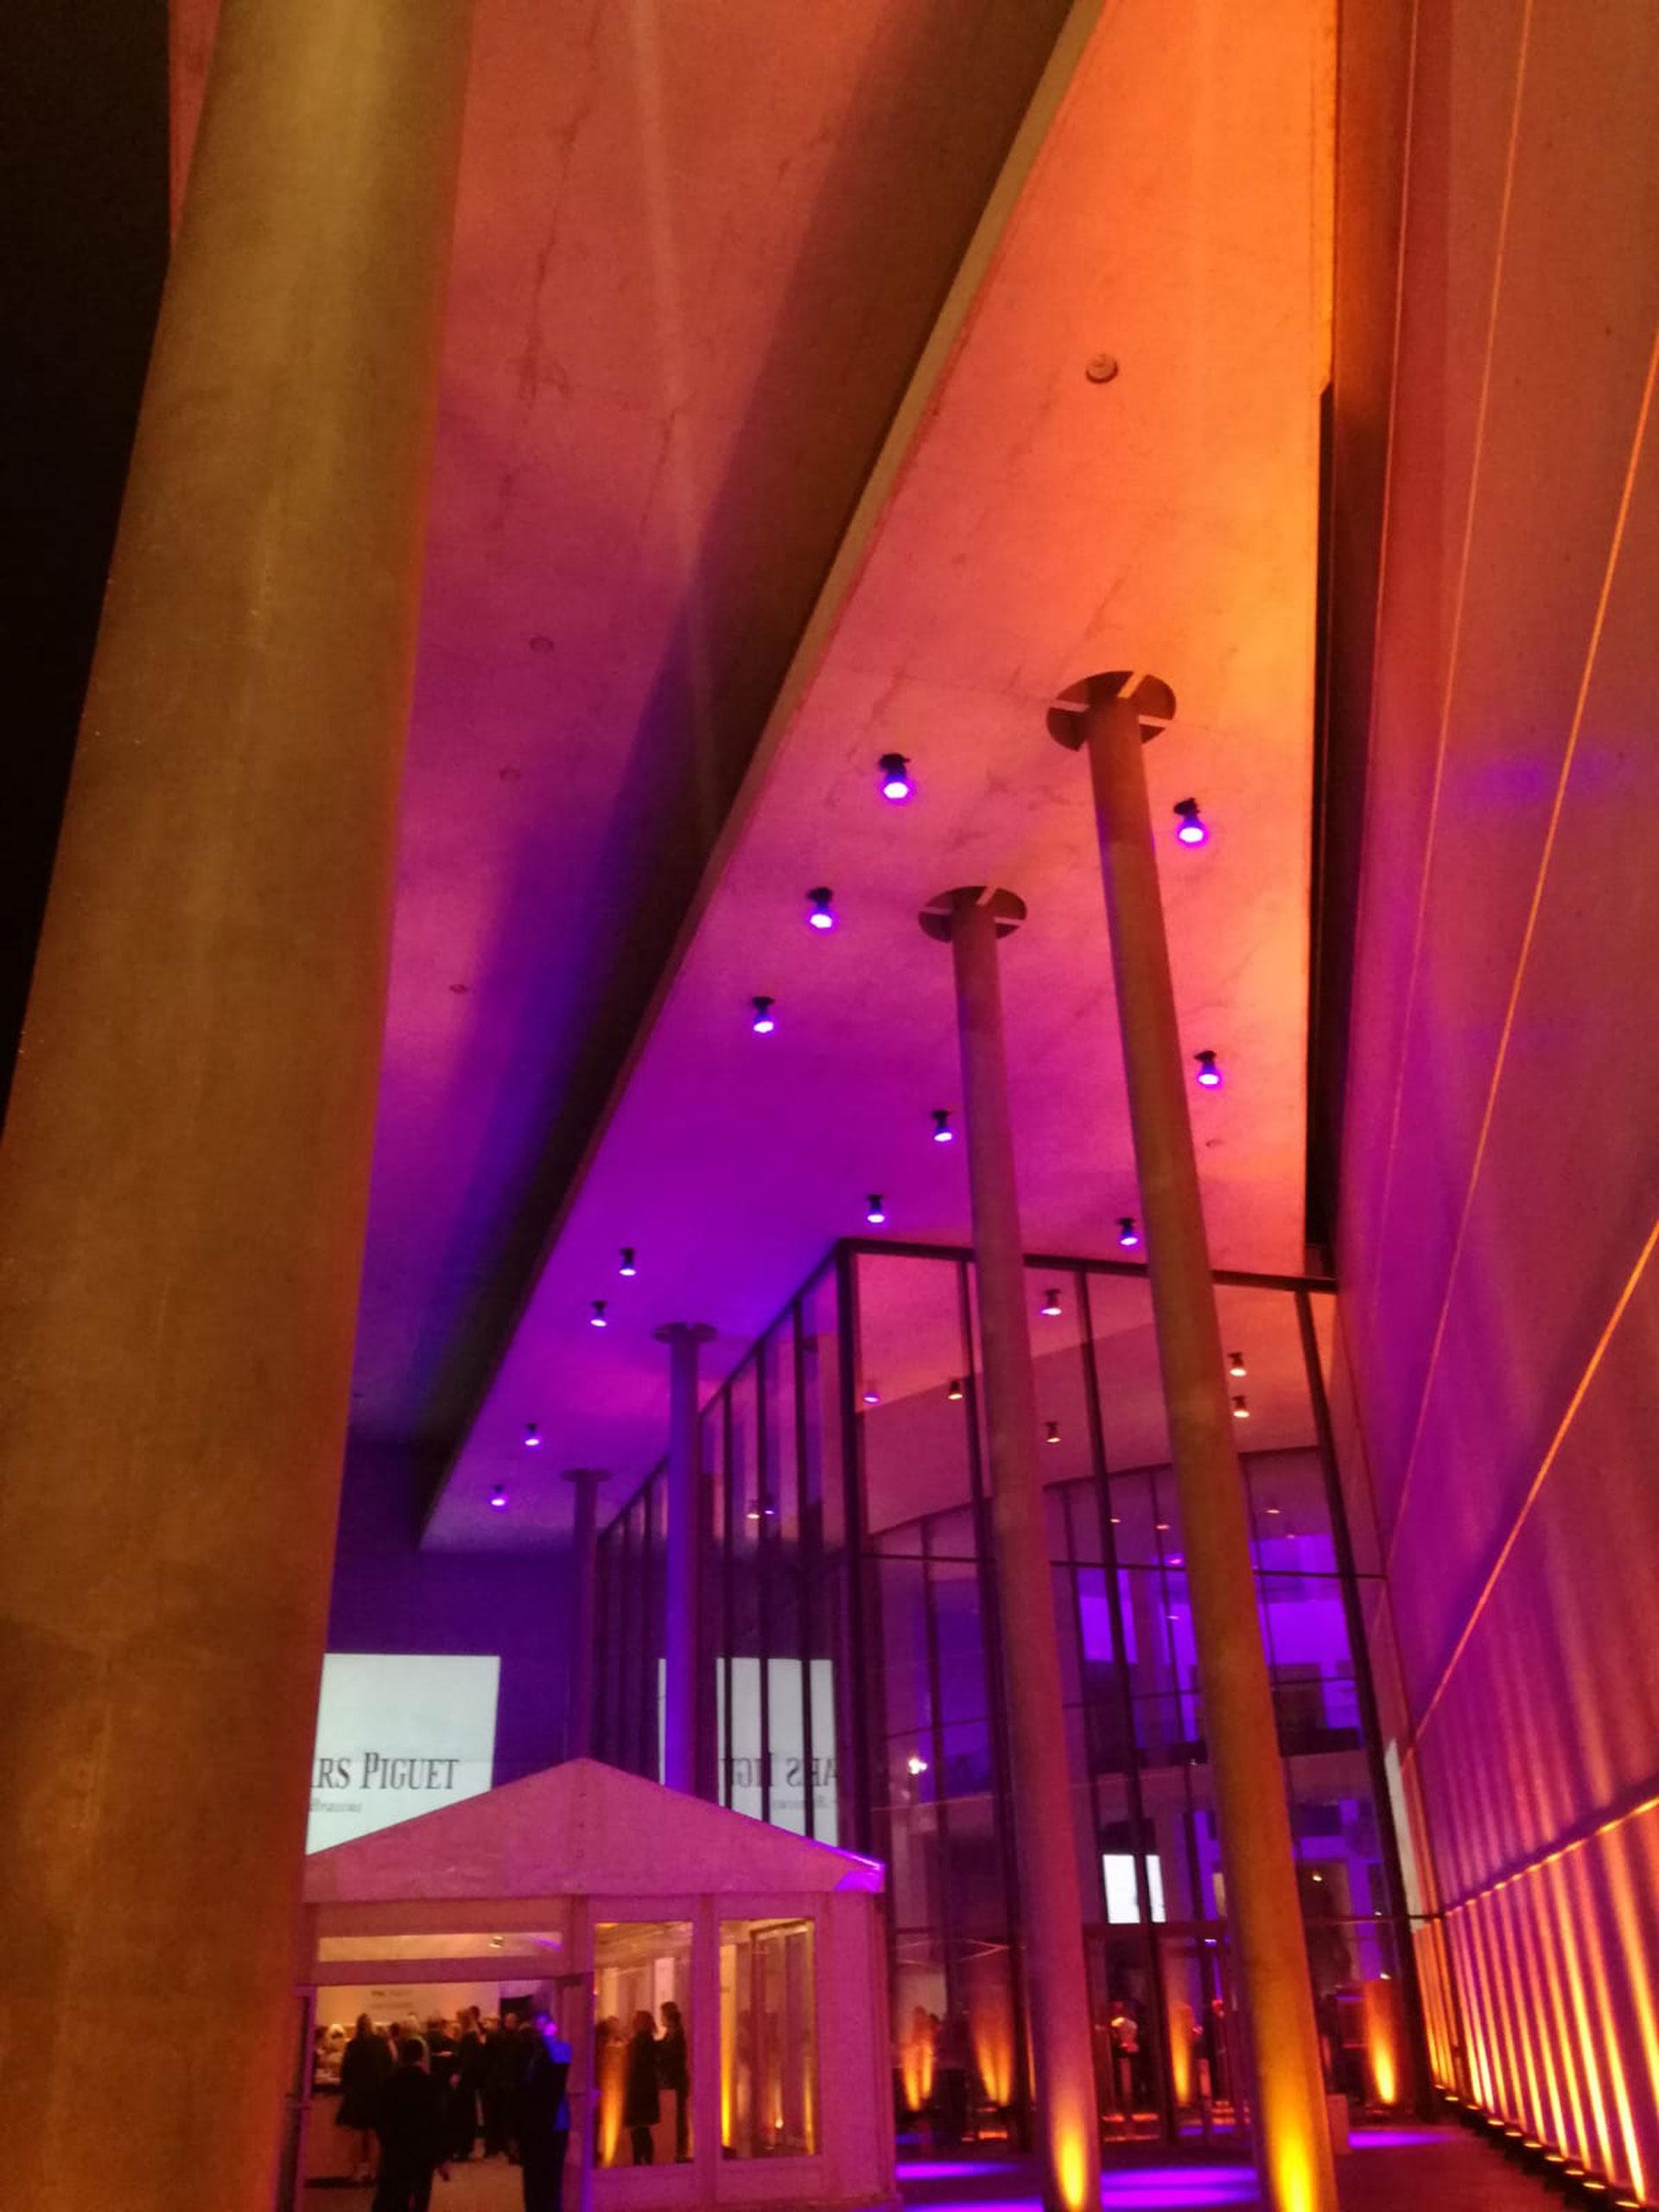 Pinfest 2019 Lichttechnik